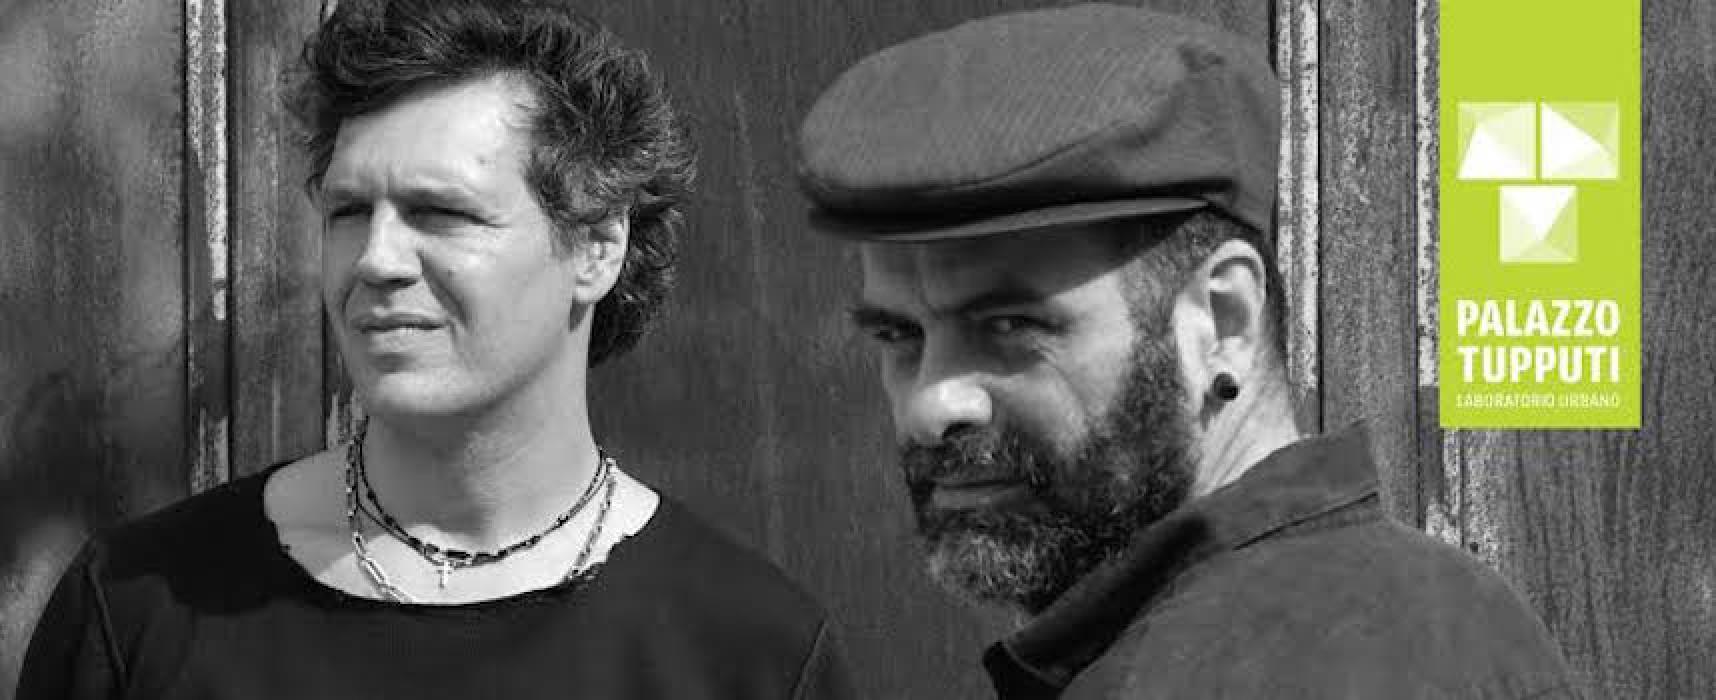 Mirko Signorile e Marco Messina protagonisti di Sonimage a Palazzo Tupputi